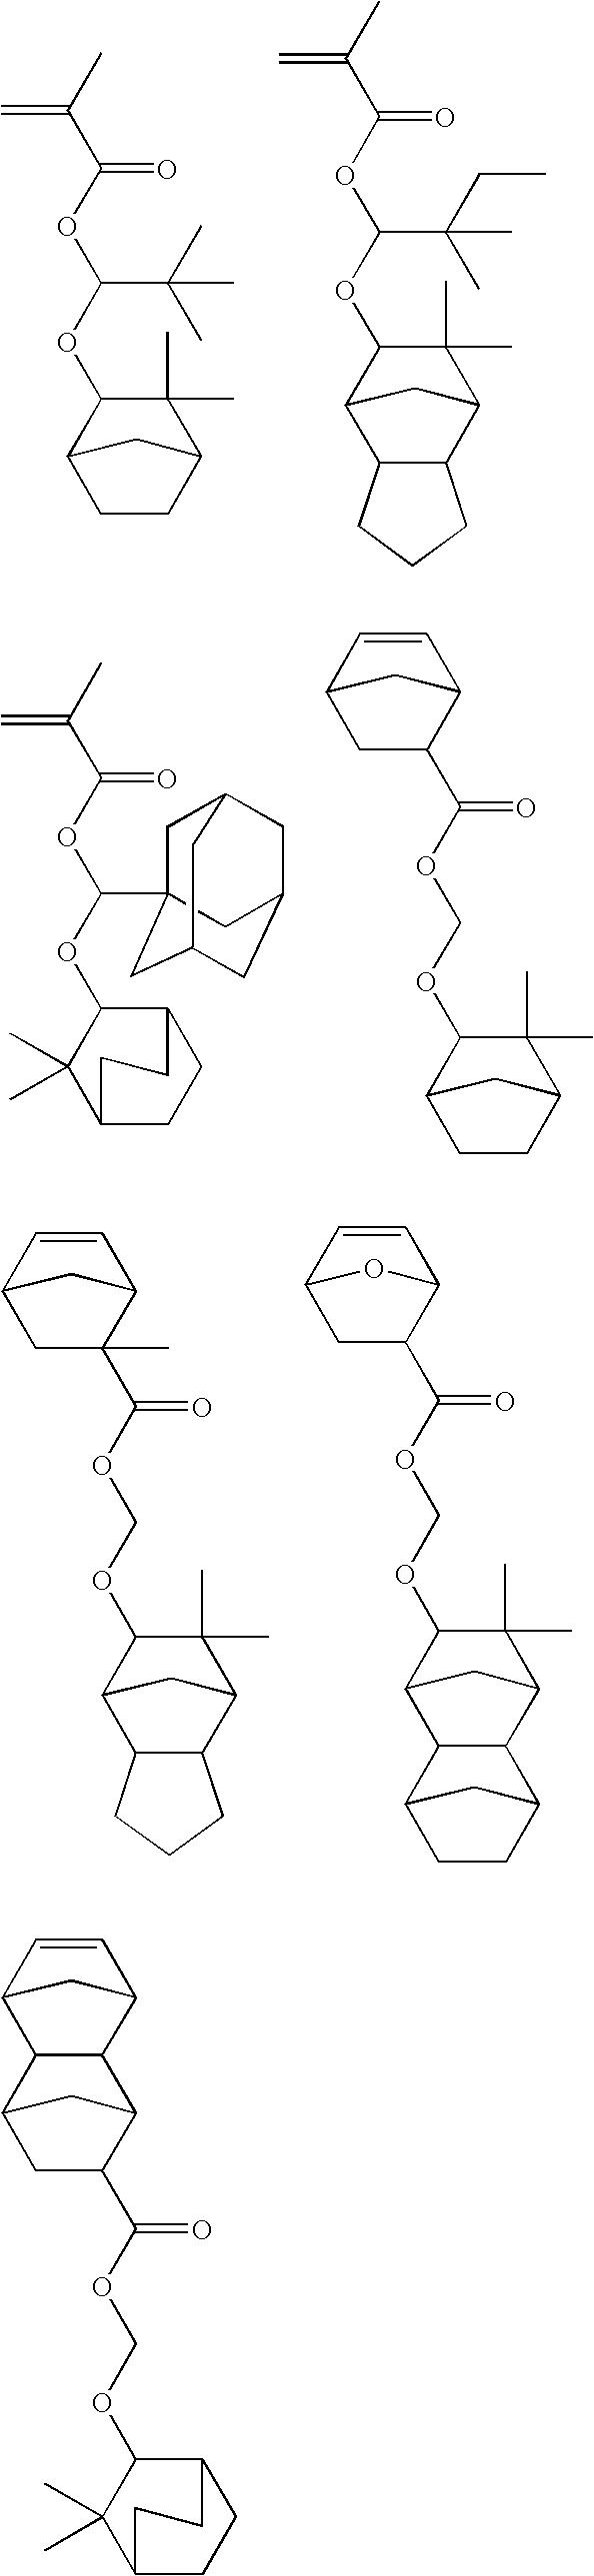 Figure US07687222-20100330-C00015